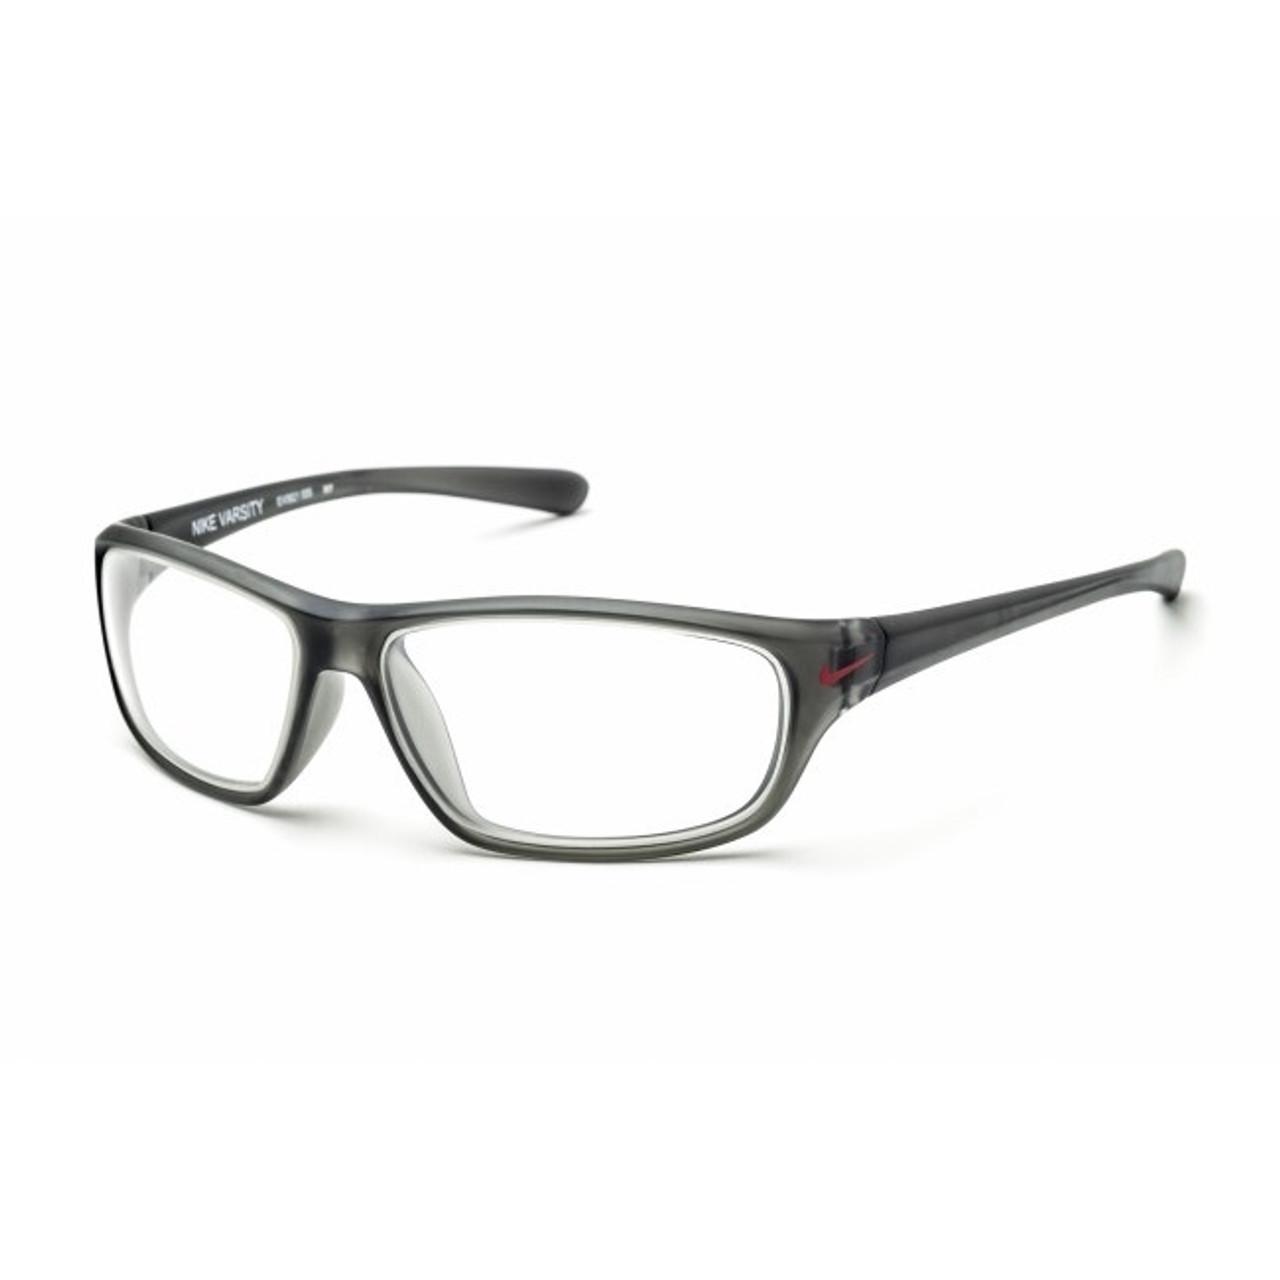 c29a922bc4d Nike Rabid Radiation Glasses · Nike Rabid Radiation Glasses